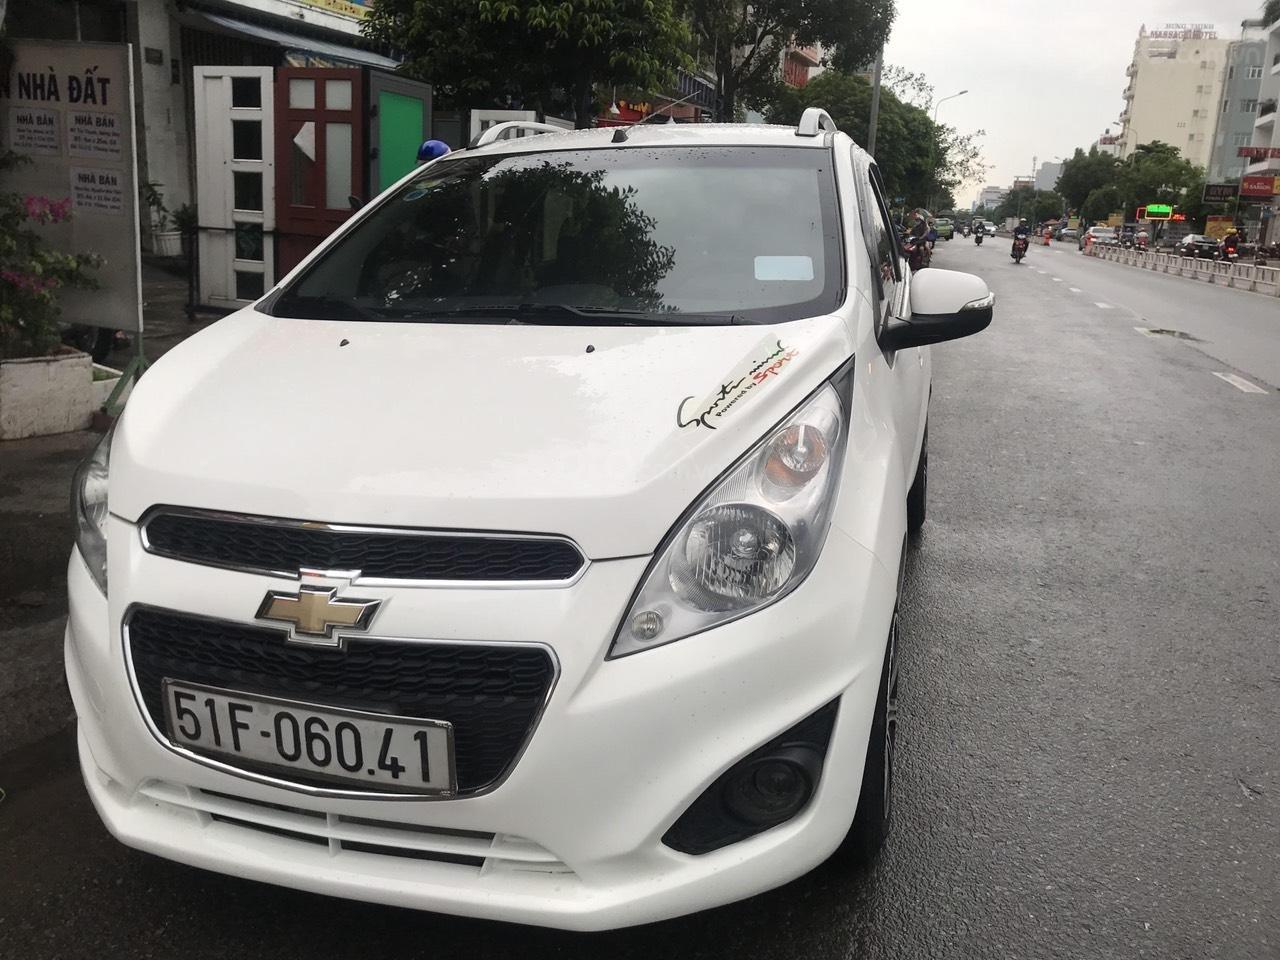 Cần bán lại xe Chevrolet Spark, số tự động, sản xuất năm 2015 giá 225tr (1)